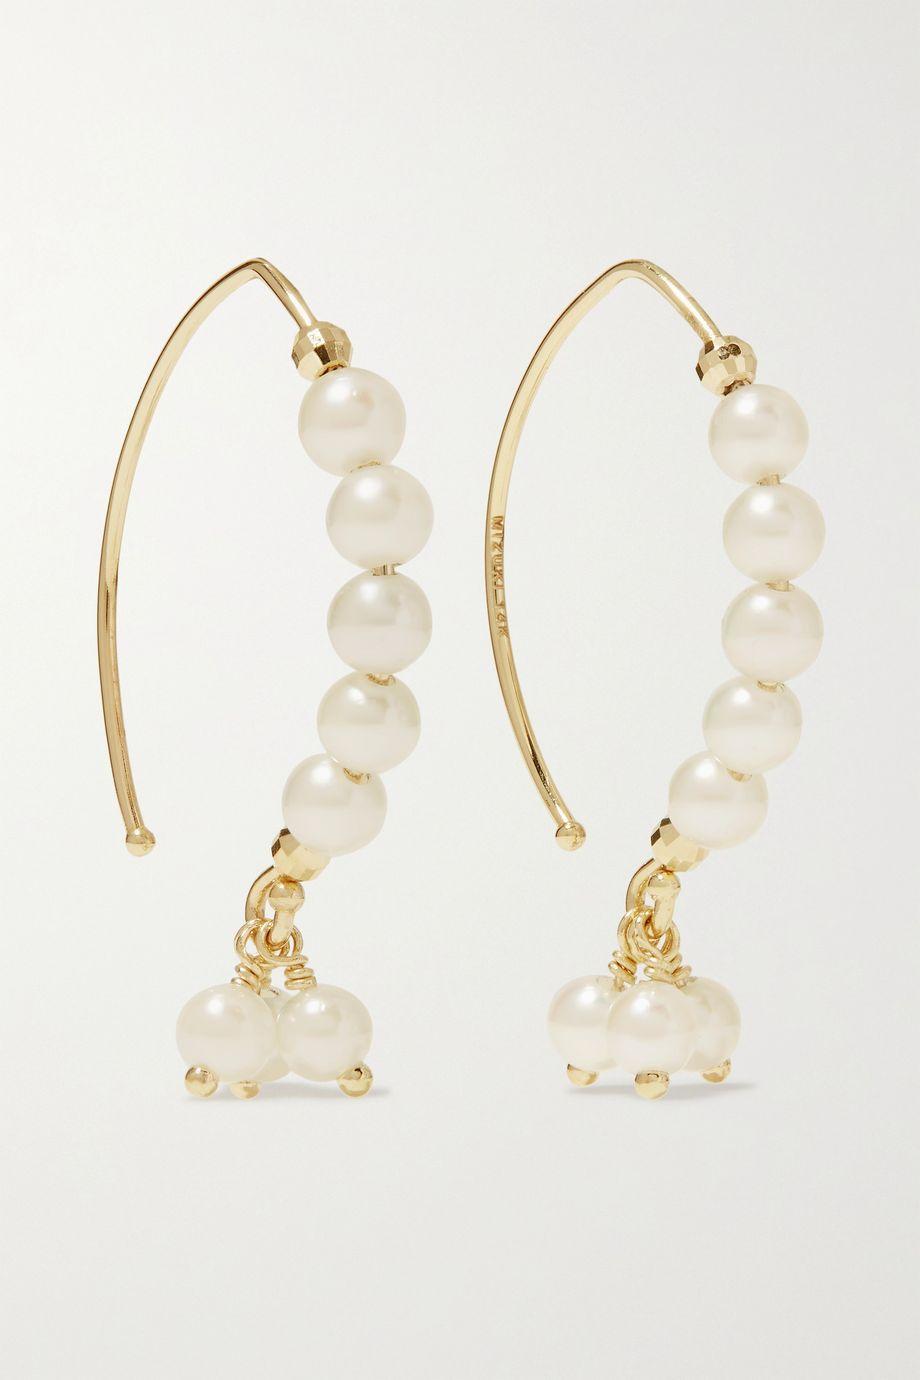 Mizuki Boucles d'oreilles en or 14 carats et perles